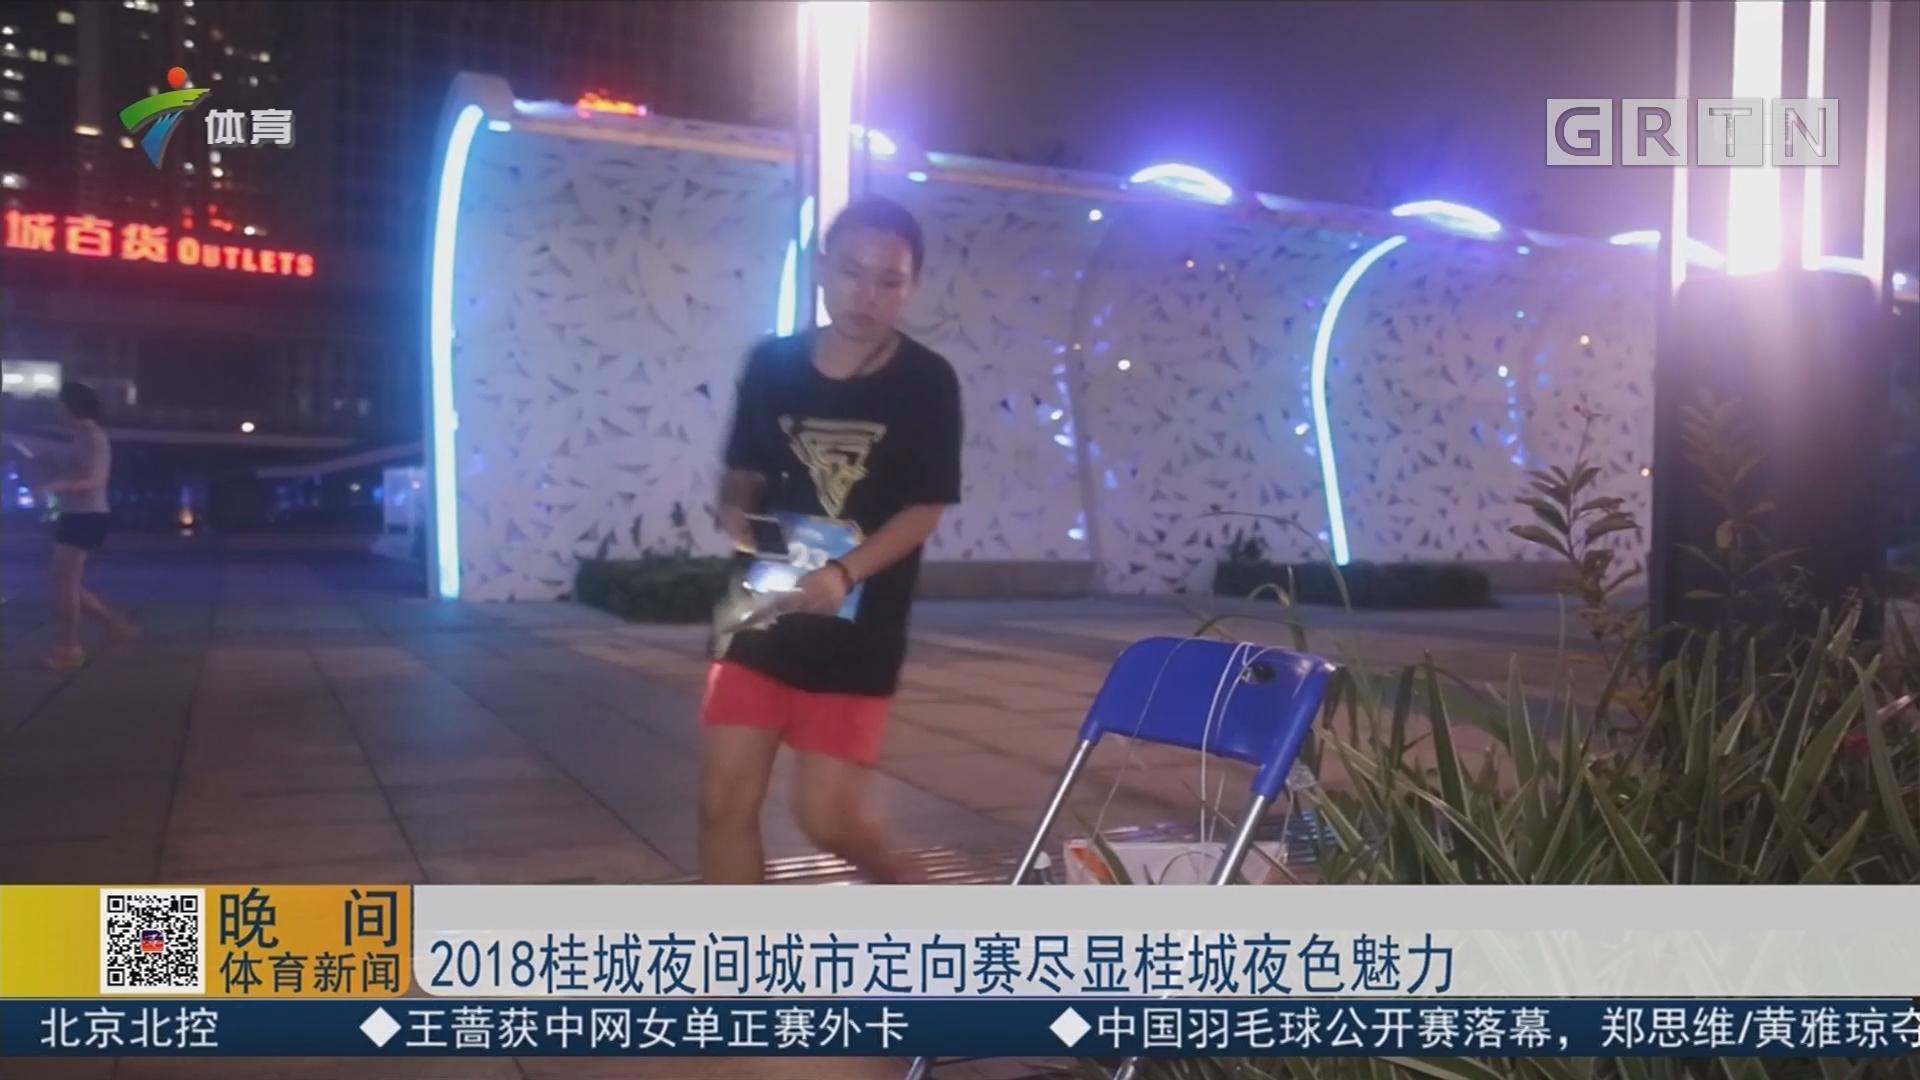 2018桂城夜间城市定向赛尽显桂城夜色魅力